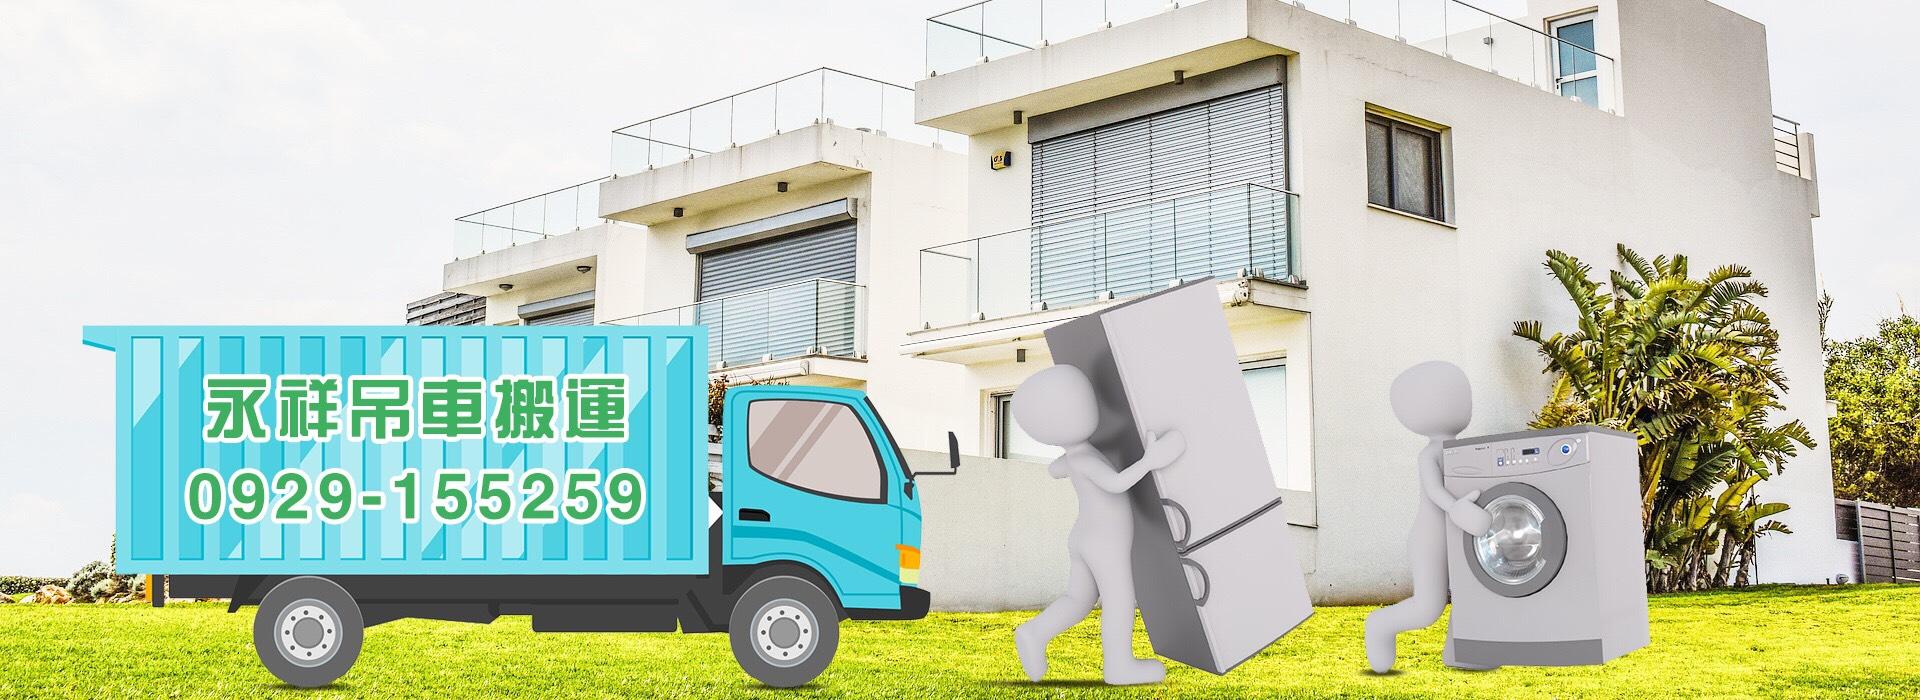 搬家公司 台南搬家、屏東搬家、平價的高雄吊車搬家公司現在搬家就送紙箱!